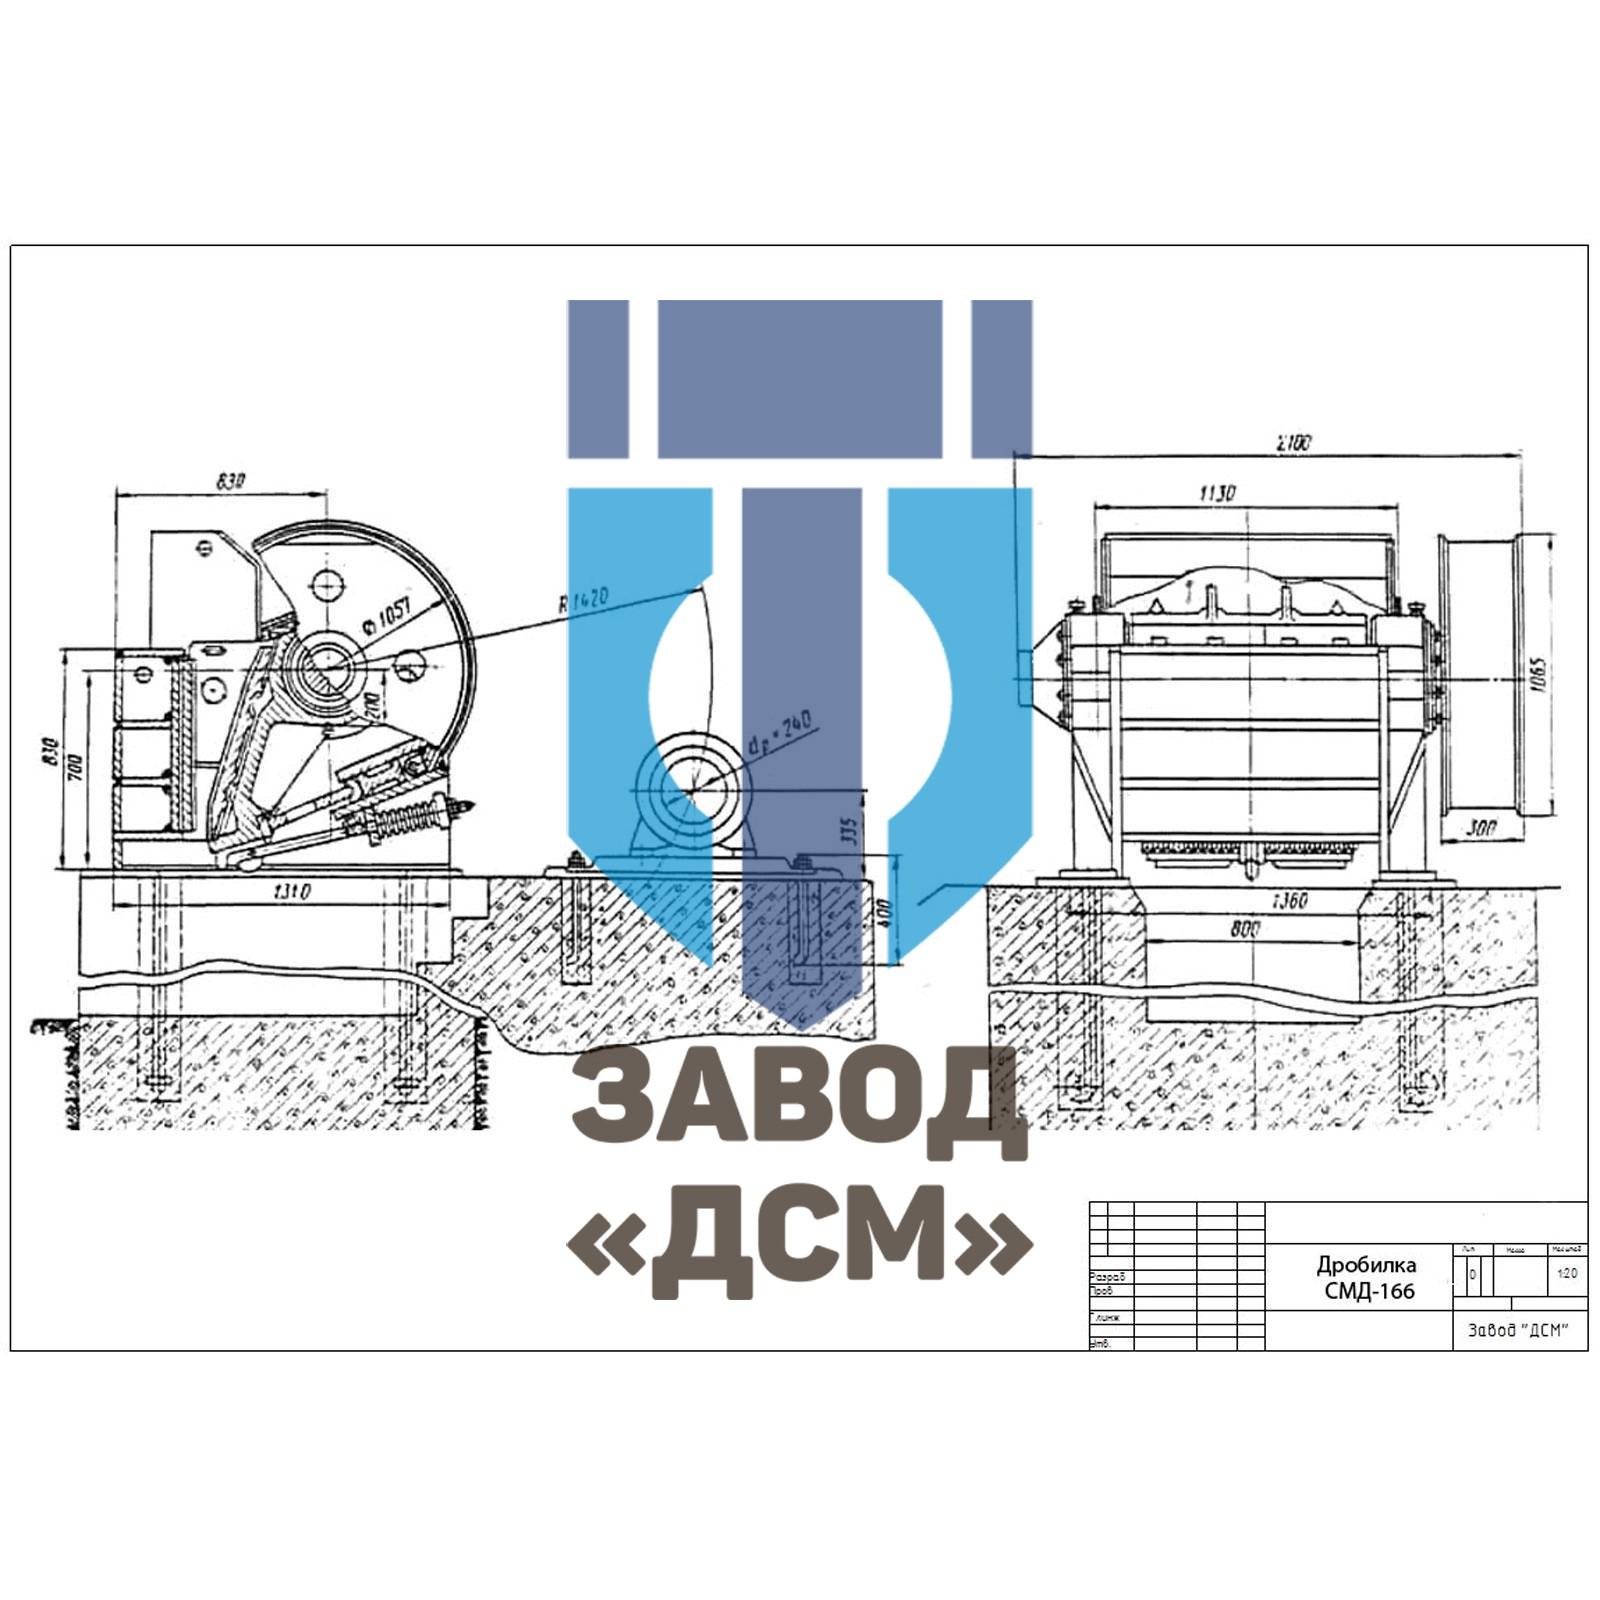 Щековая дробилка щ-7 техническая характеристика дробилка конусная ксд 600 в Комсомольск-на-Амуре